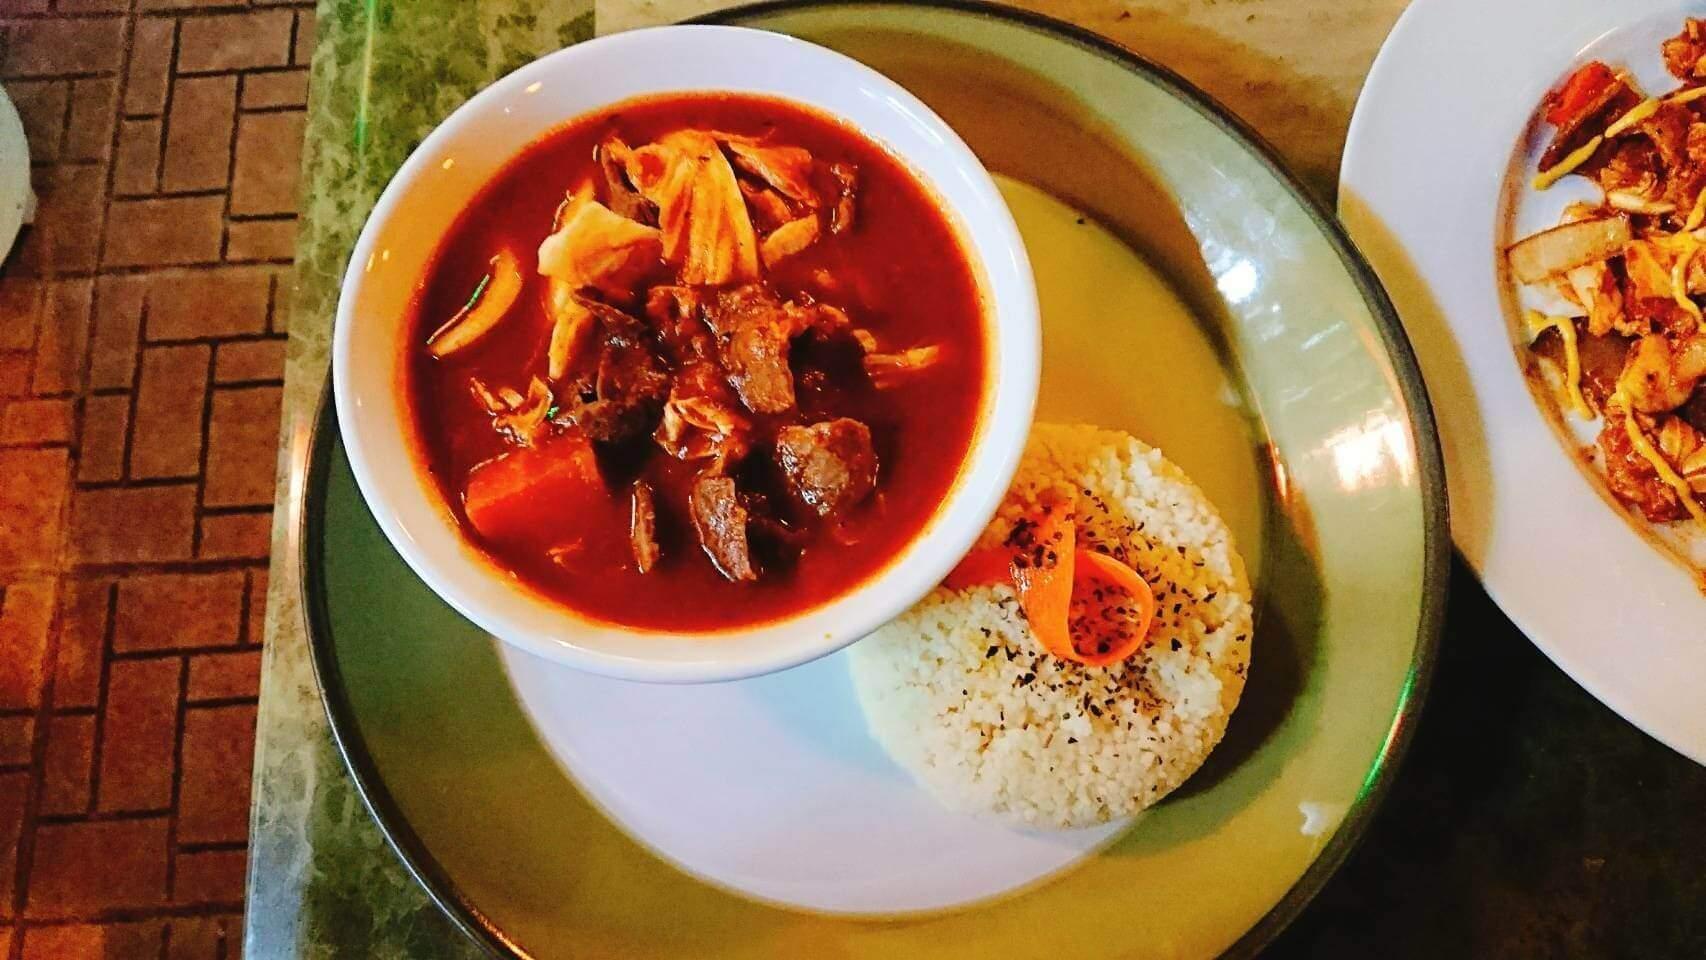 【花蓮市區】非洲象牙海岸小廚房 充滿神秘的非洲特色料理